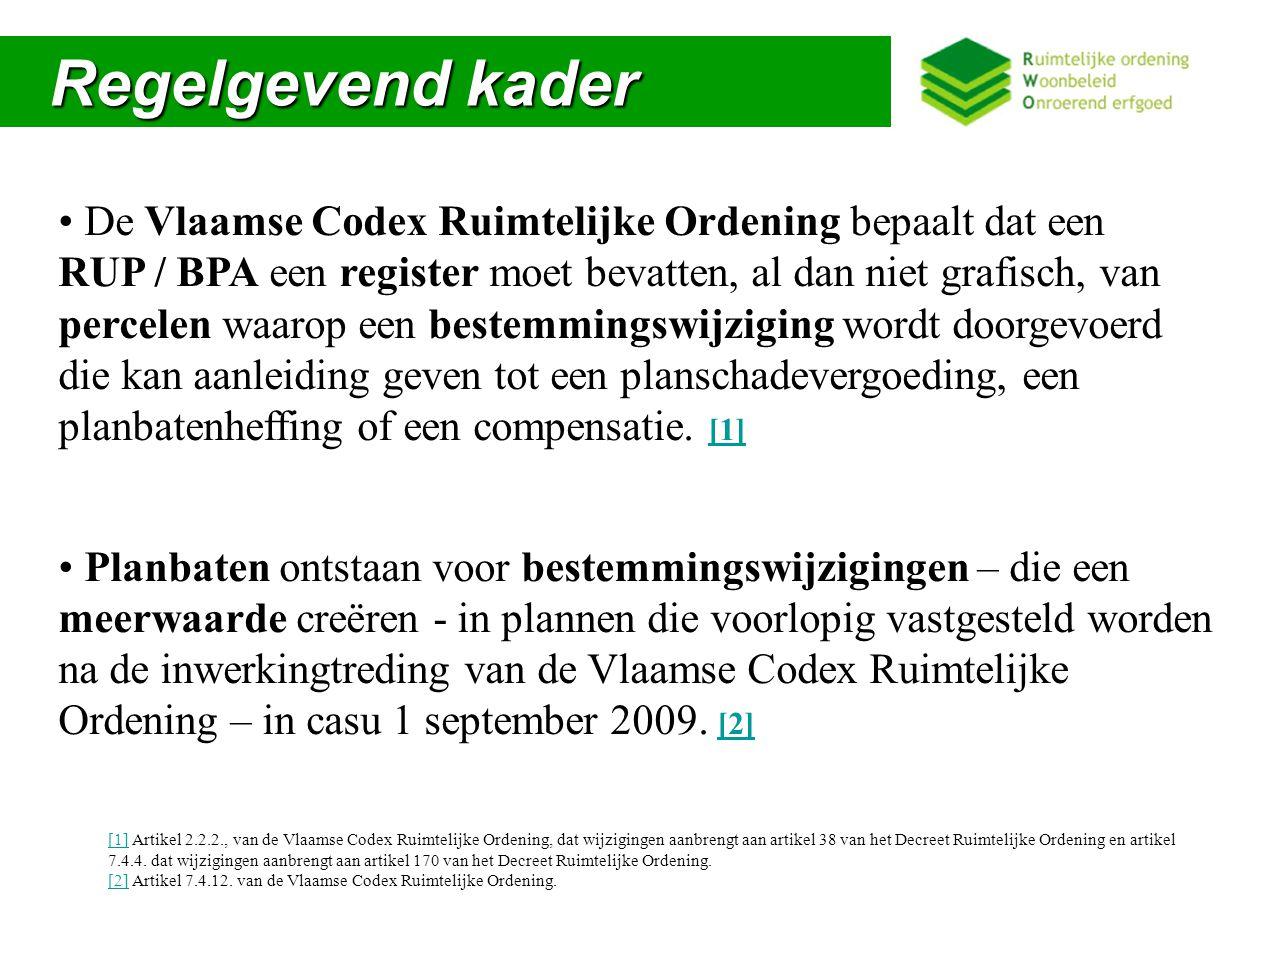 Regelgevend kader Regelgevend kader Doel:  Uitwisseling van data tussen verschillende actoren Actoren:  RWO (K&I, ARP), provincies, gemeenten en VLABEL Taakverdeling actoren Als streeftermijn voor het aanleveren van de gegevens inzake planbaten wordt uitgegaan van 90 kalenderdagen na de inwerkingtreding (Belgisch Staatsblad) van het RUP of BPA.